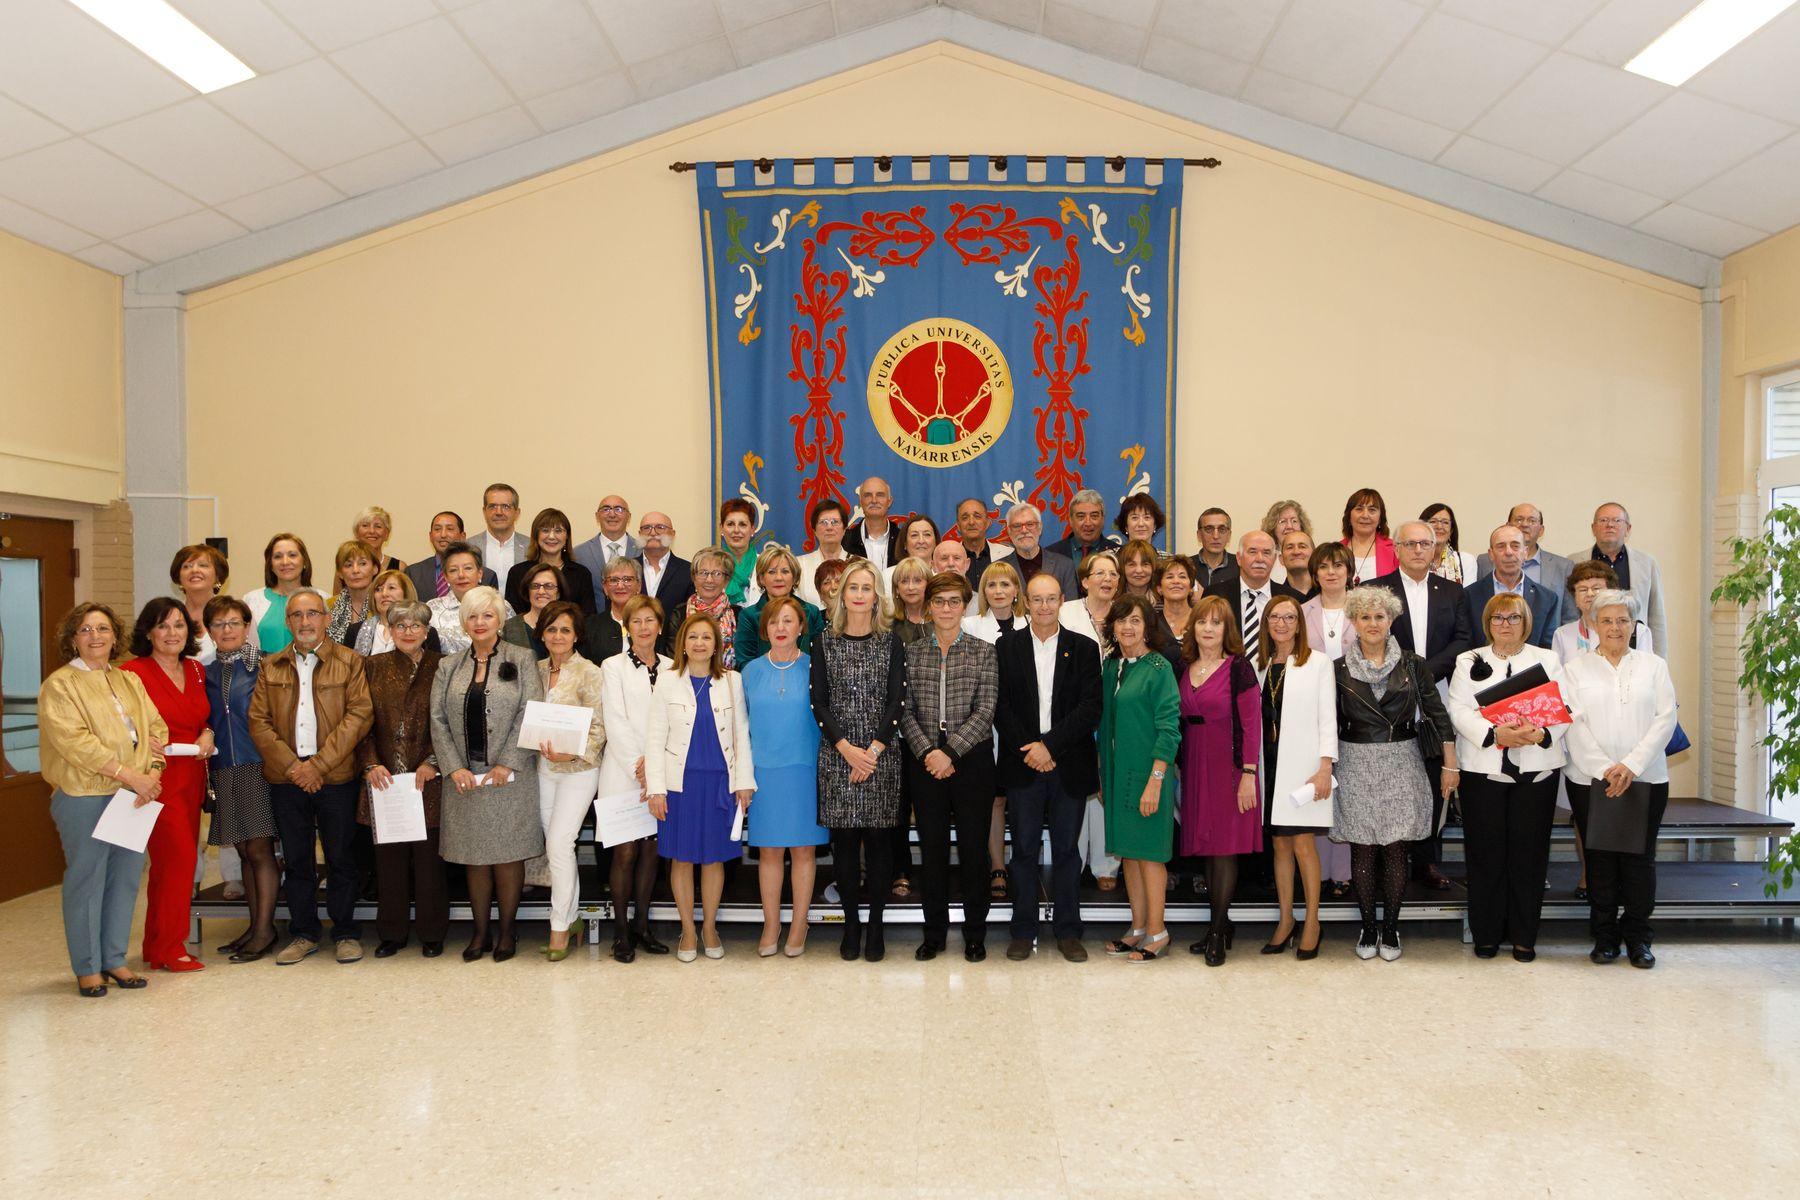 Estudiantes del Aula de la Experiencia pertenecientes a la XIII Promoción de Pamplona posan con las autoridades tras concluir su graduación.